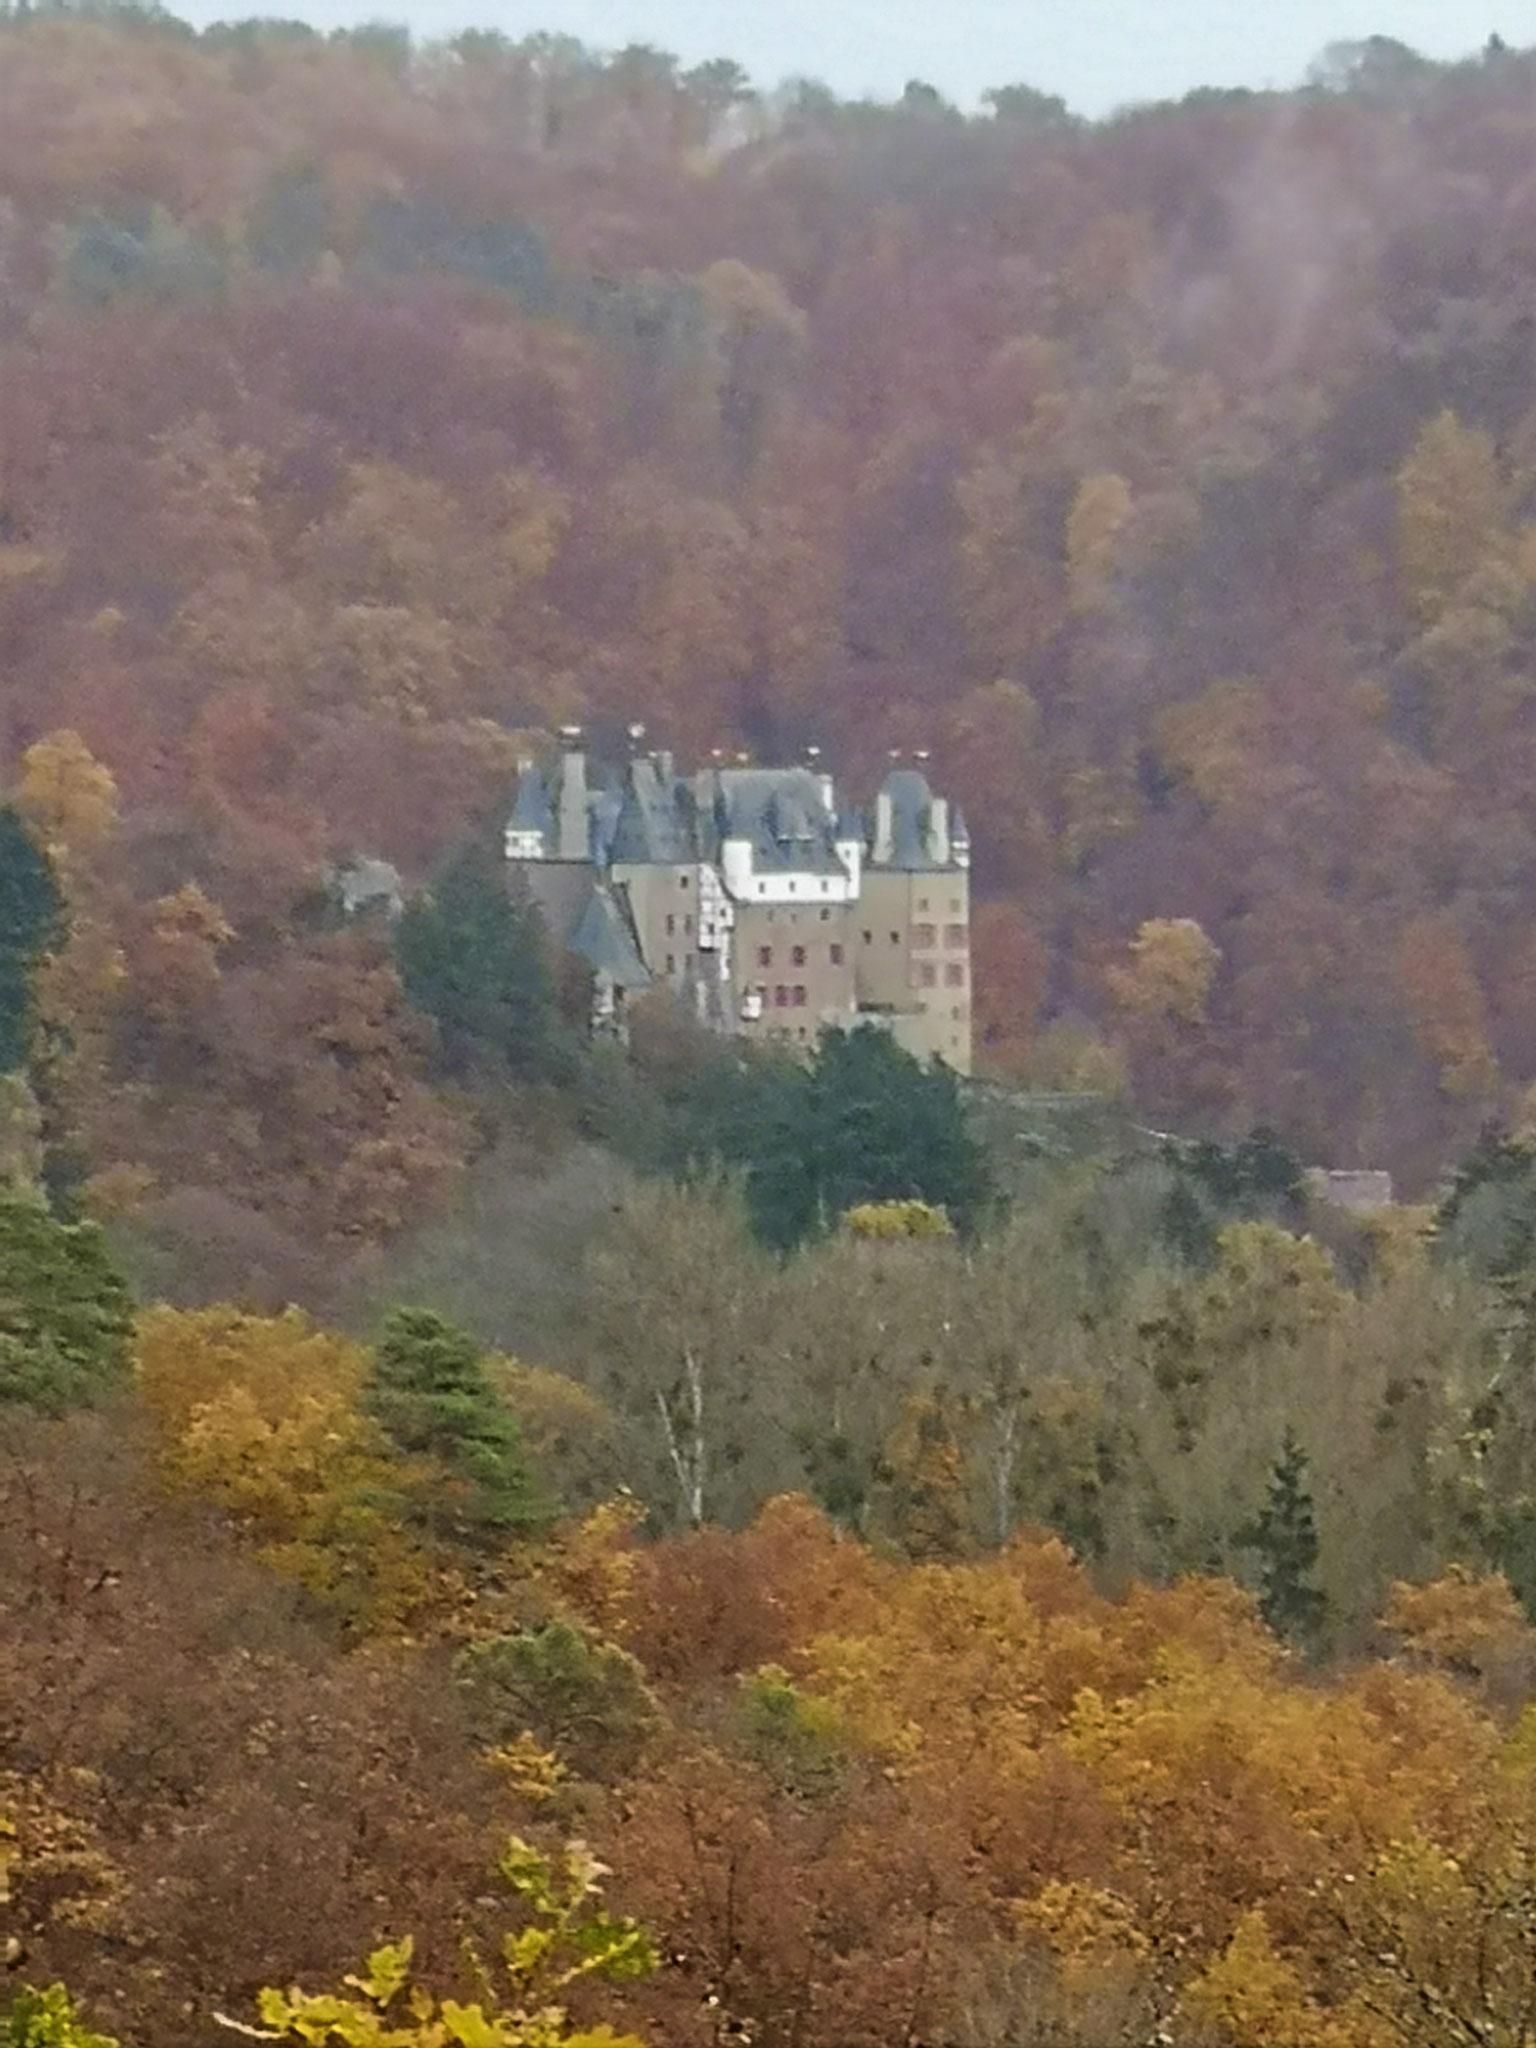 Die schöne alte Burg Eltz